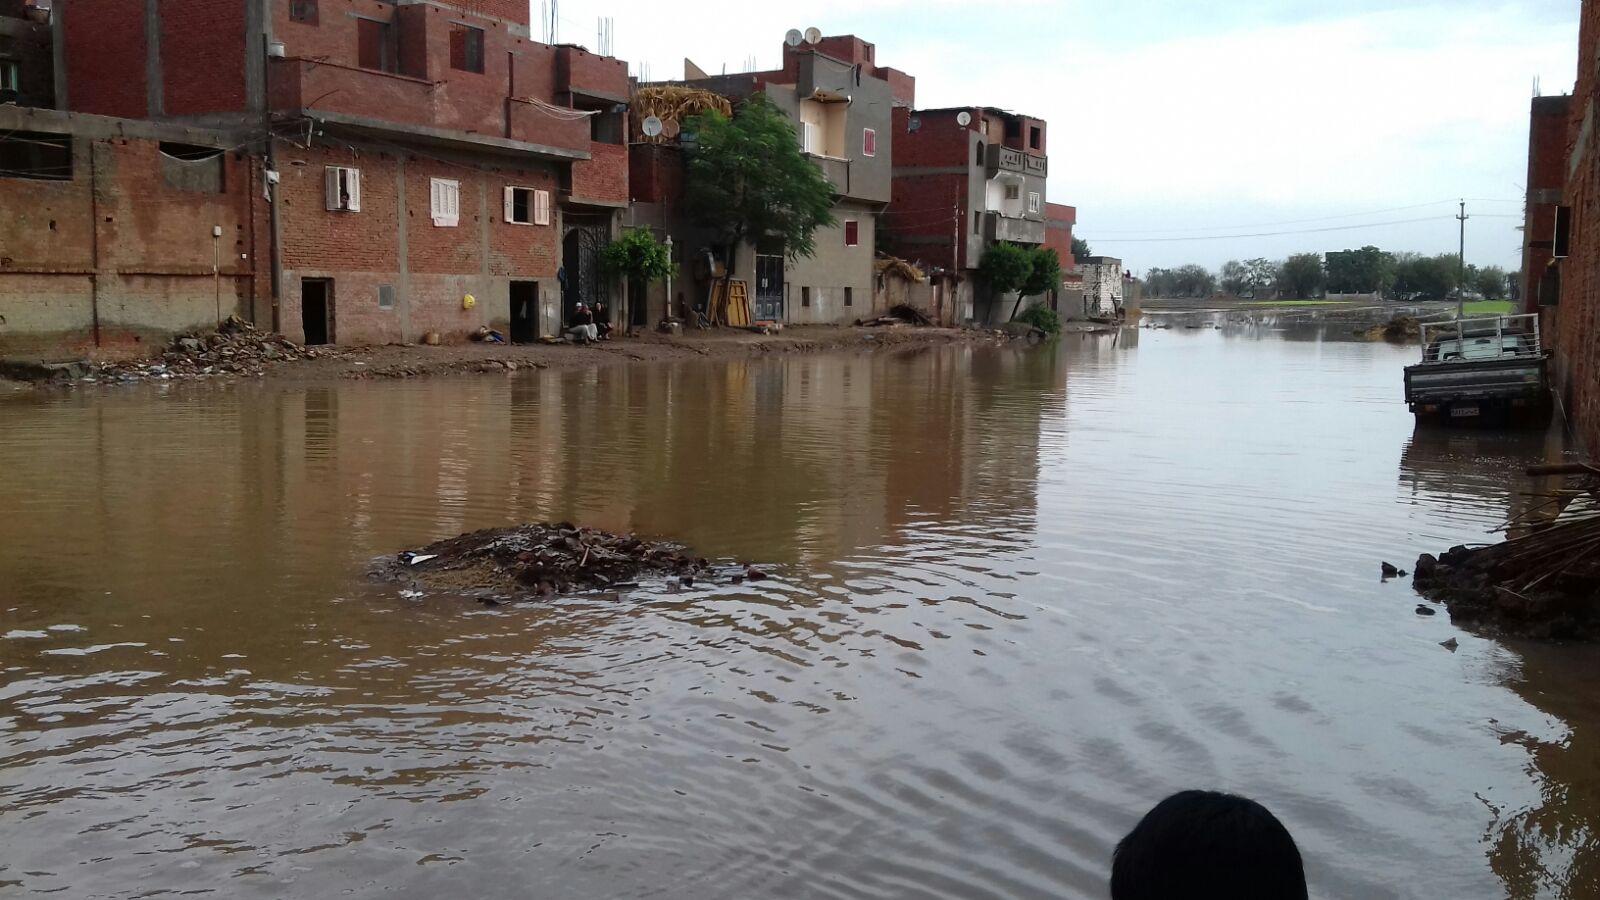 «قصر نصر الدين» بكفر الزيات مازالت غارقة منذ أزمة السيول الأخيرة